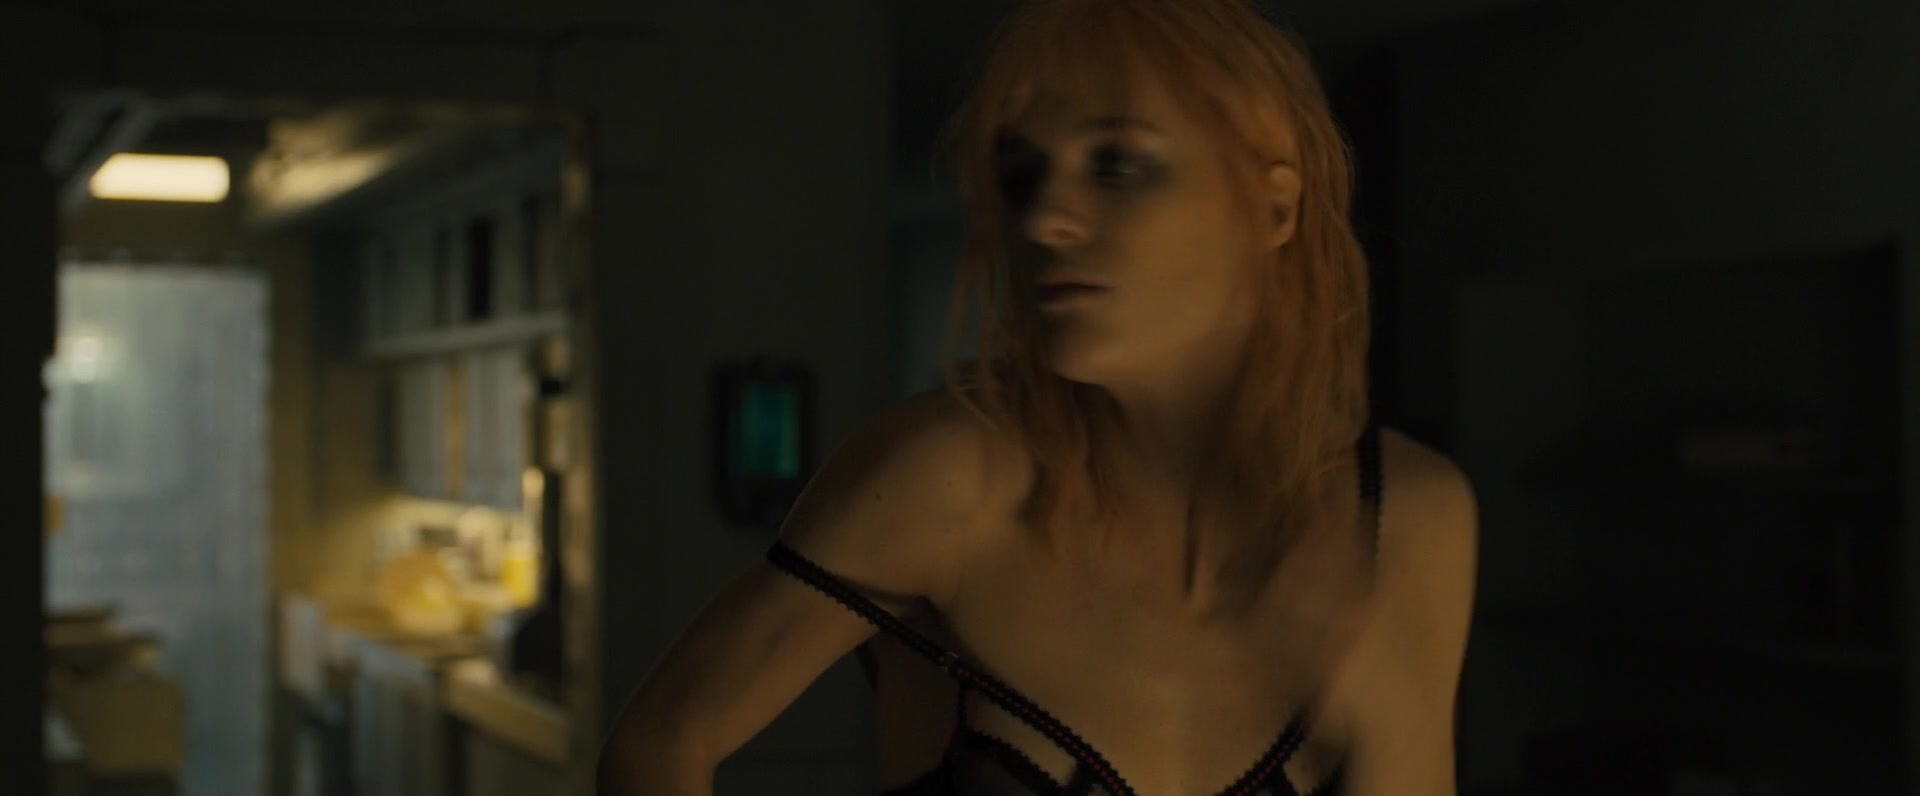 Ana-de-Armas-Sallie-Harmsen-Mackenzie-Davis-etc-Nude-52-thefappeningblog.com_.jpg